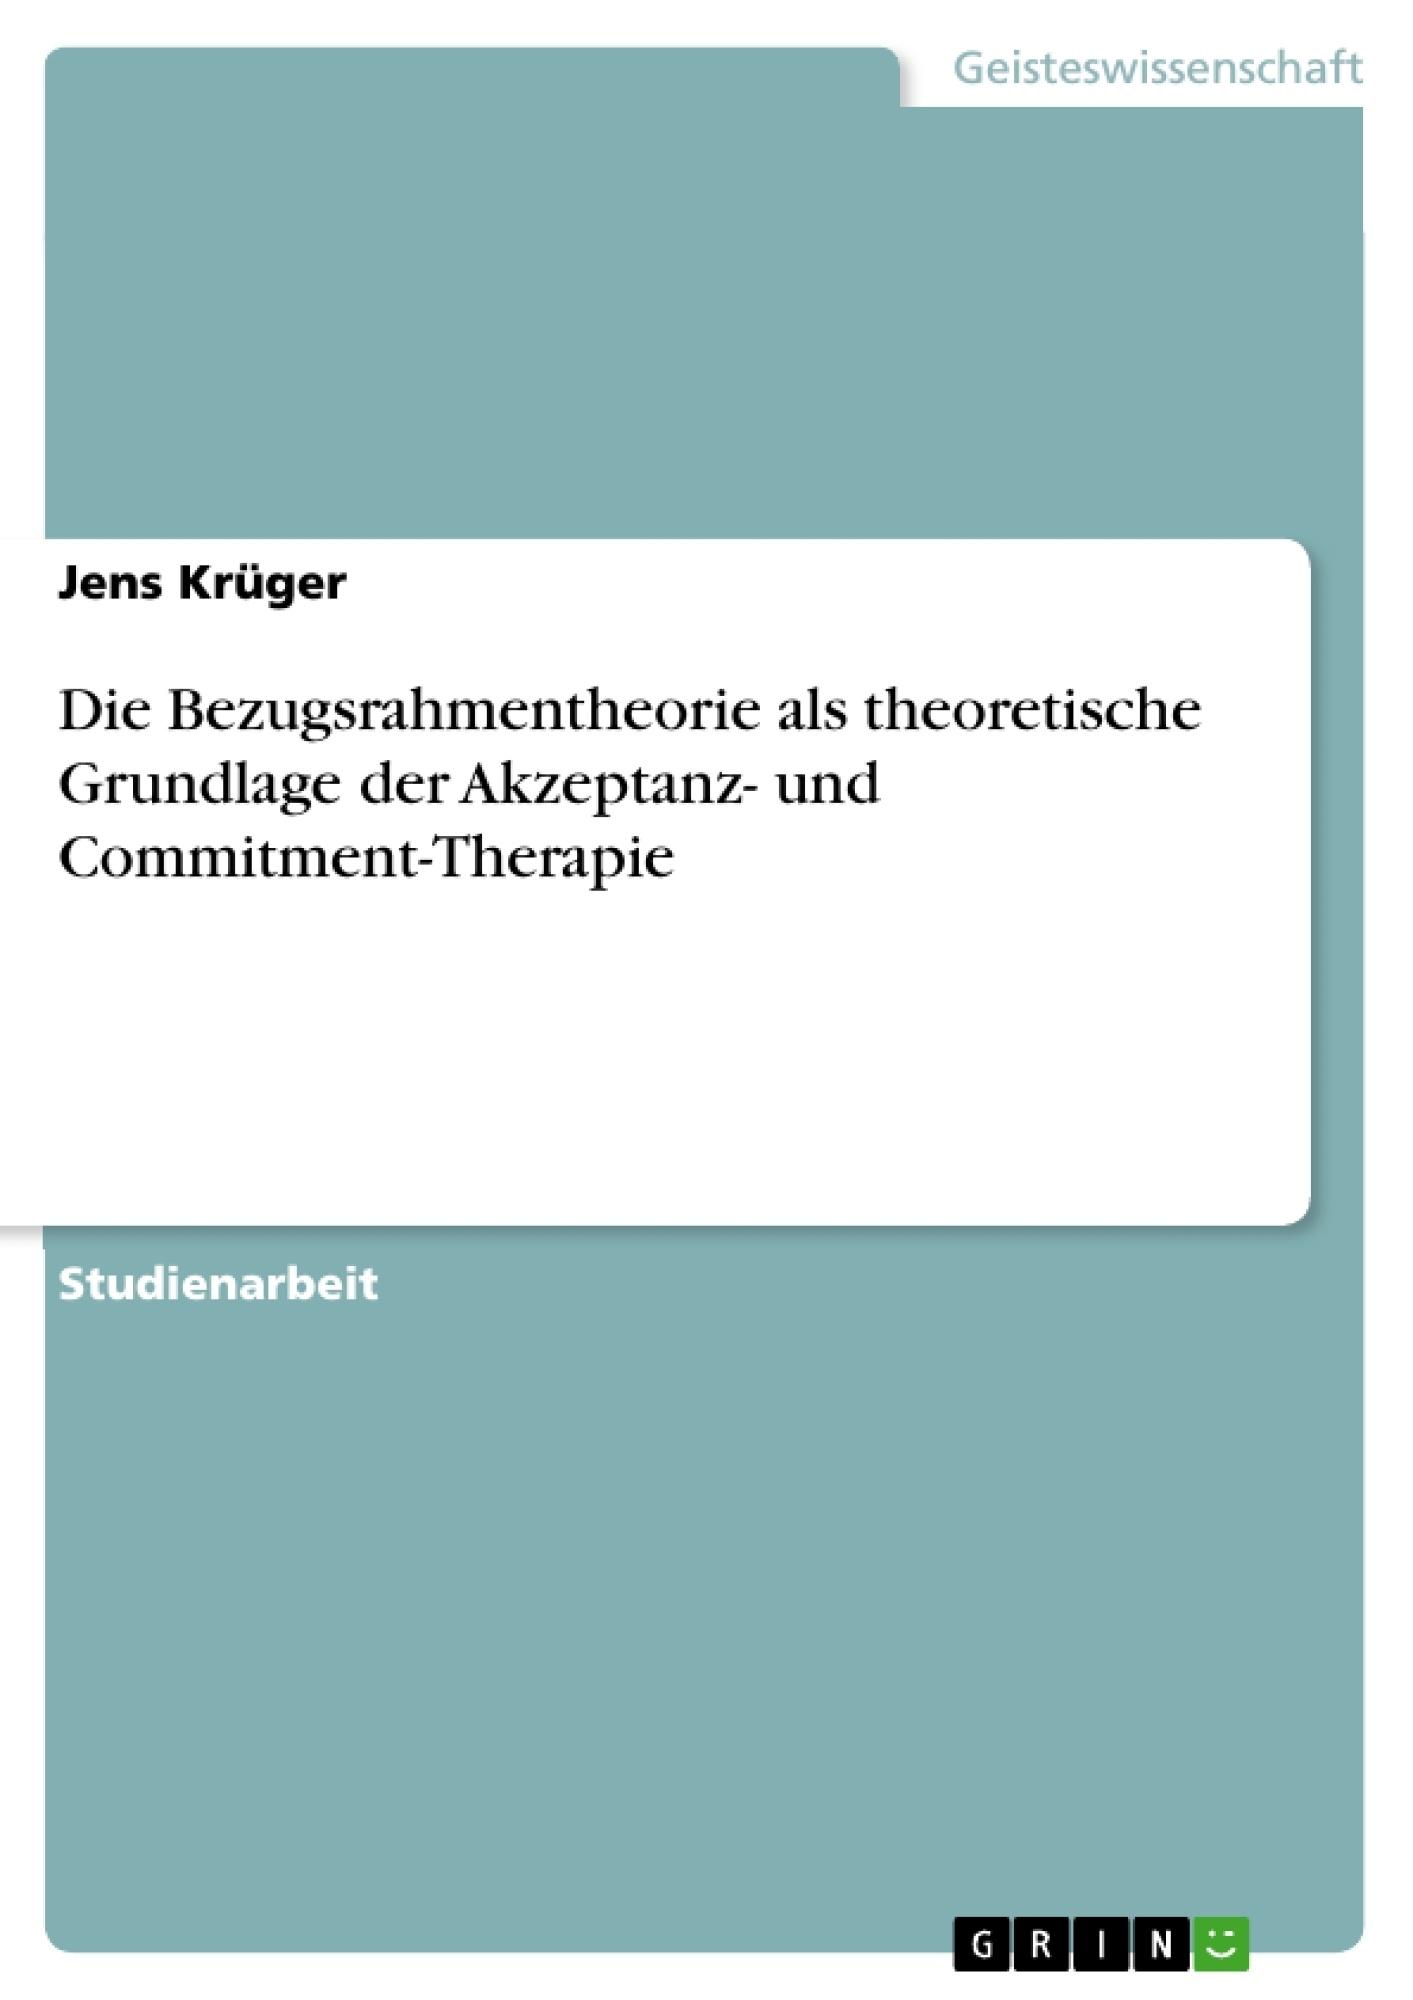 Titel: Die Bezugsrahmentheorie als theoretische Grundlage der Akzeptanz- und Commitment-Therapie